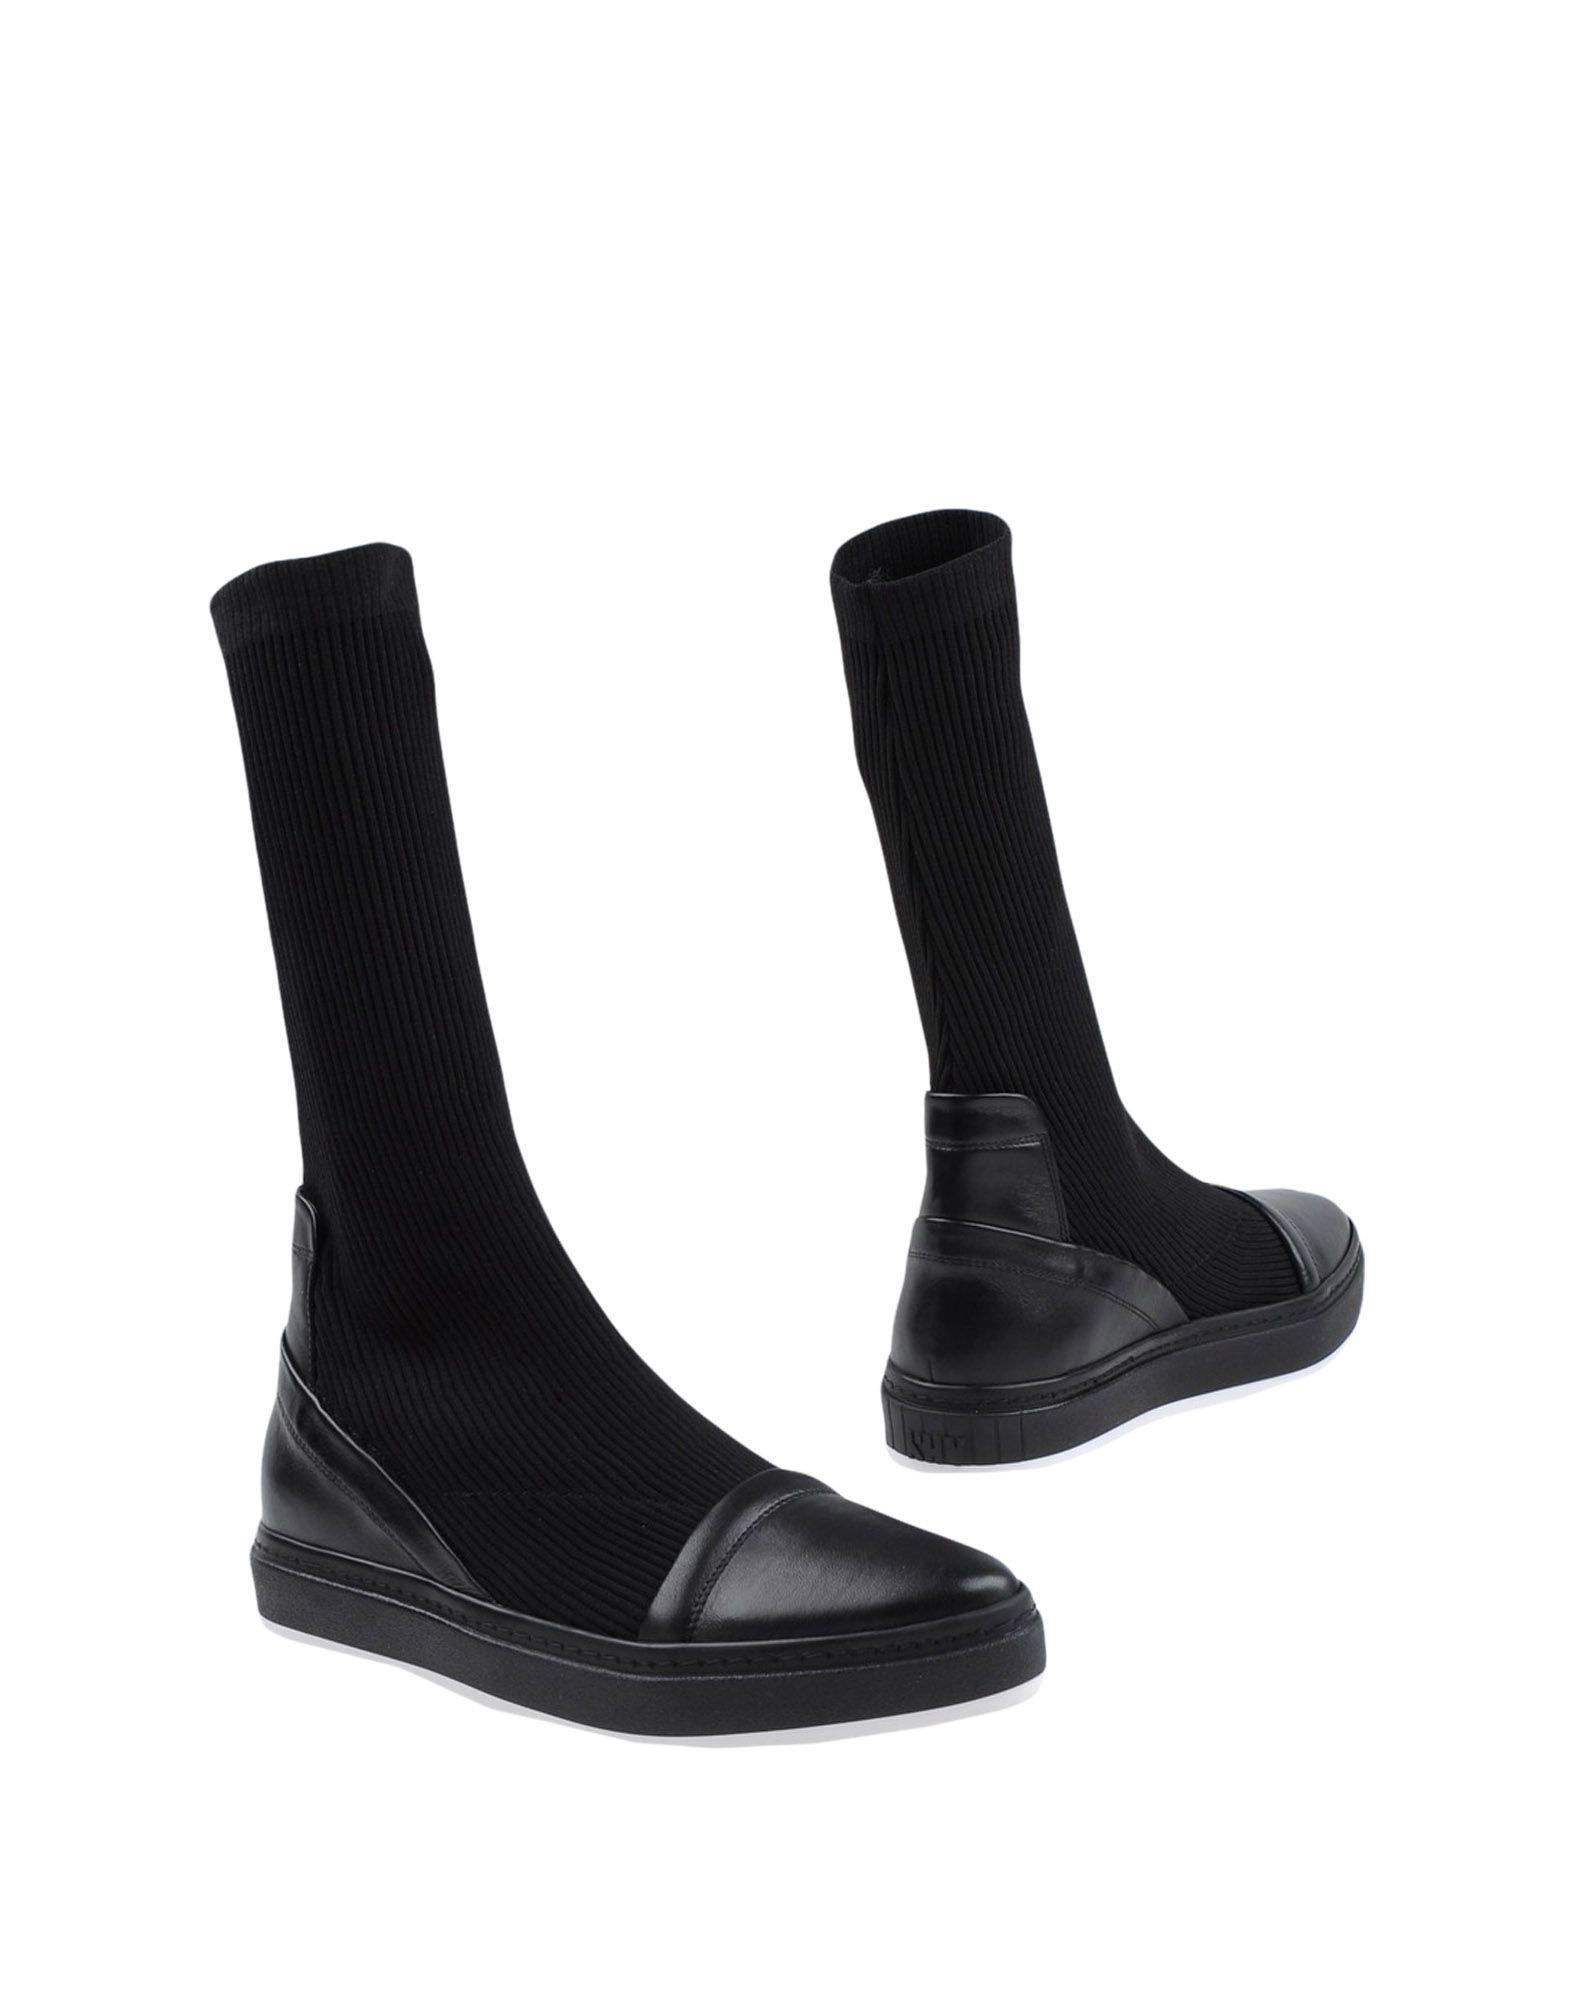 SHY by ARVID YUKI Полусапоги и высокие ботинки shy by arvid yuki полусапоги и высокие ботинки